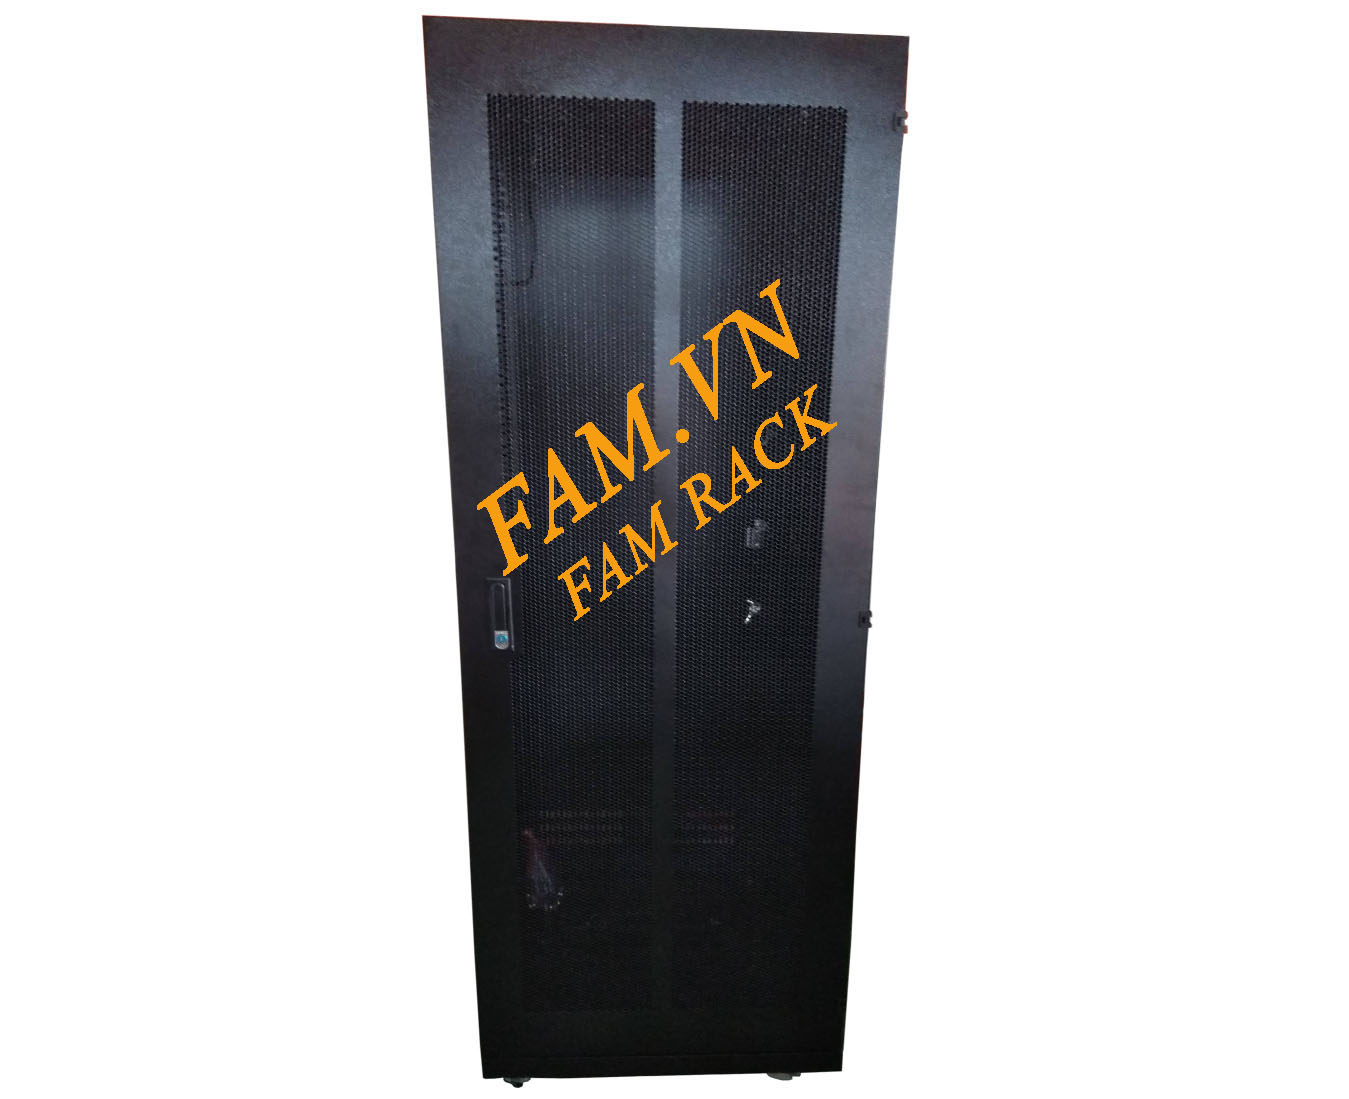 Tủ rack, tủ mạng FAMRACK S-CLASS 32U-D1200